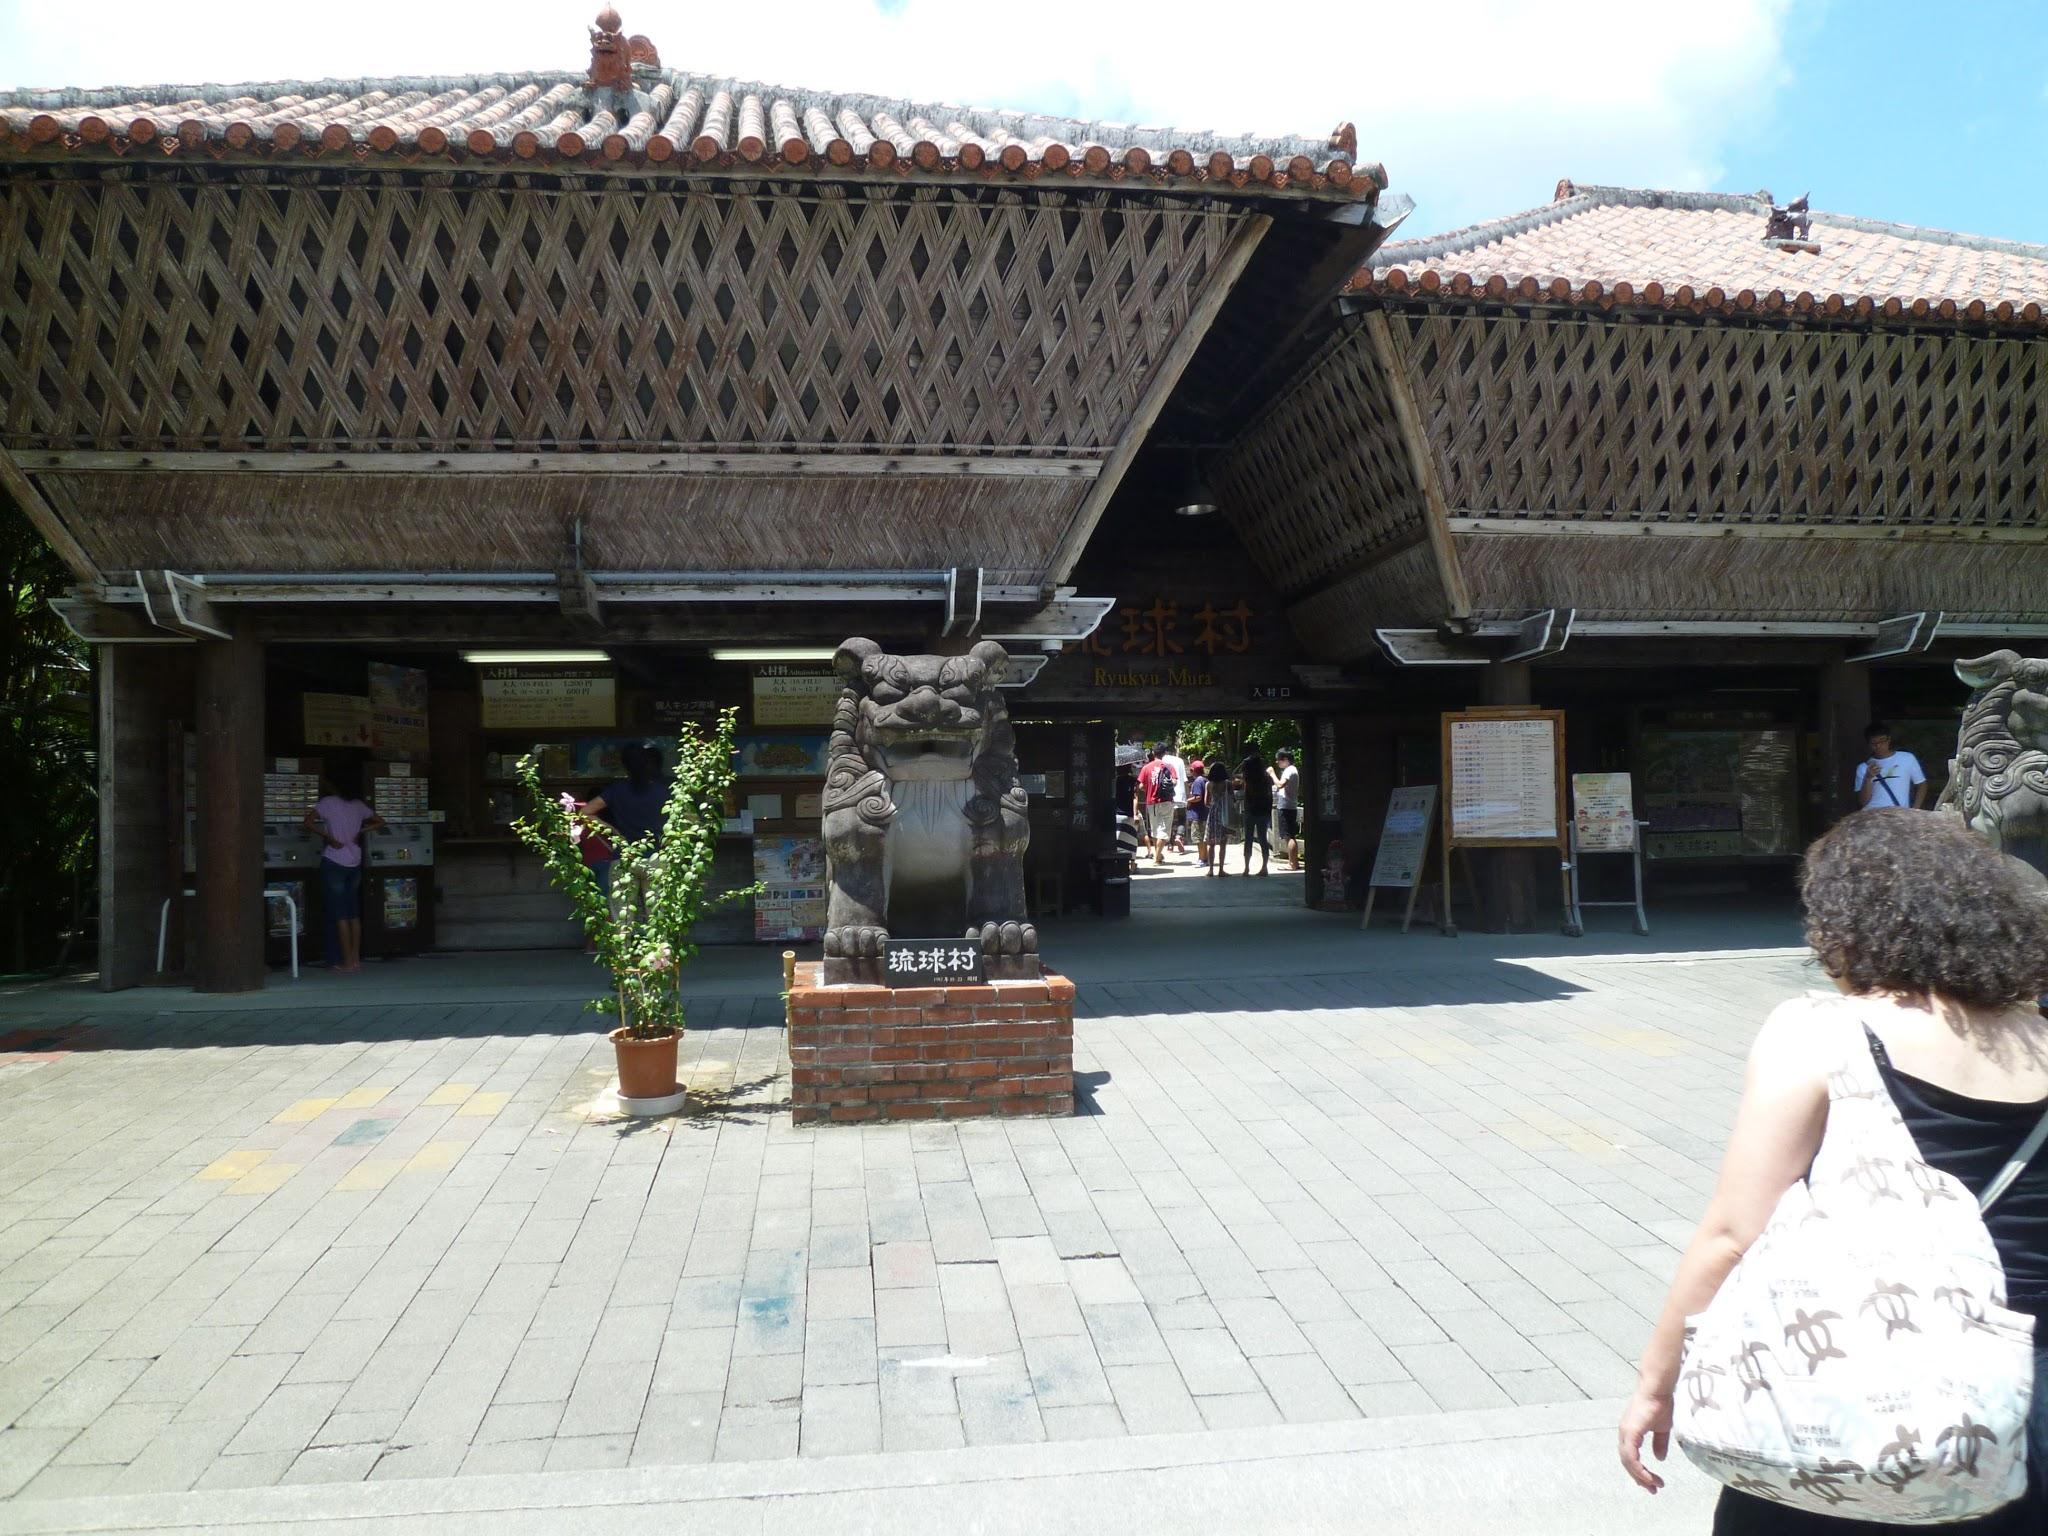 沖縄旅行に行ってきました! Part2